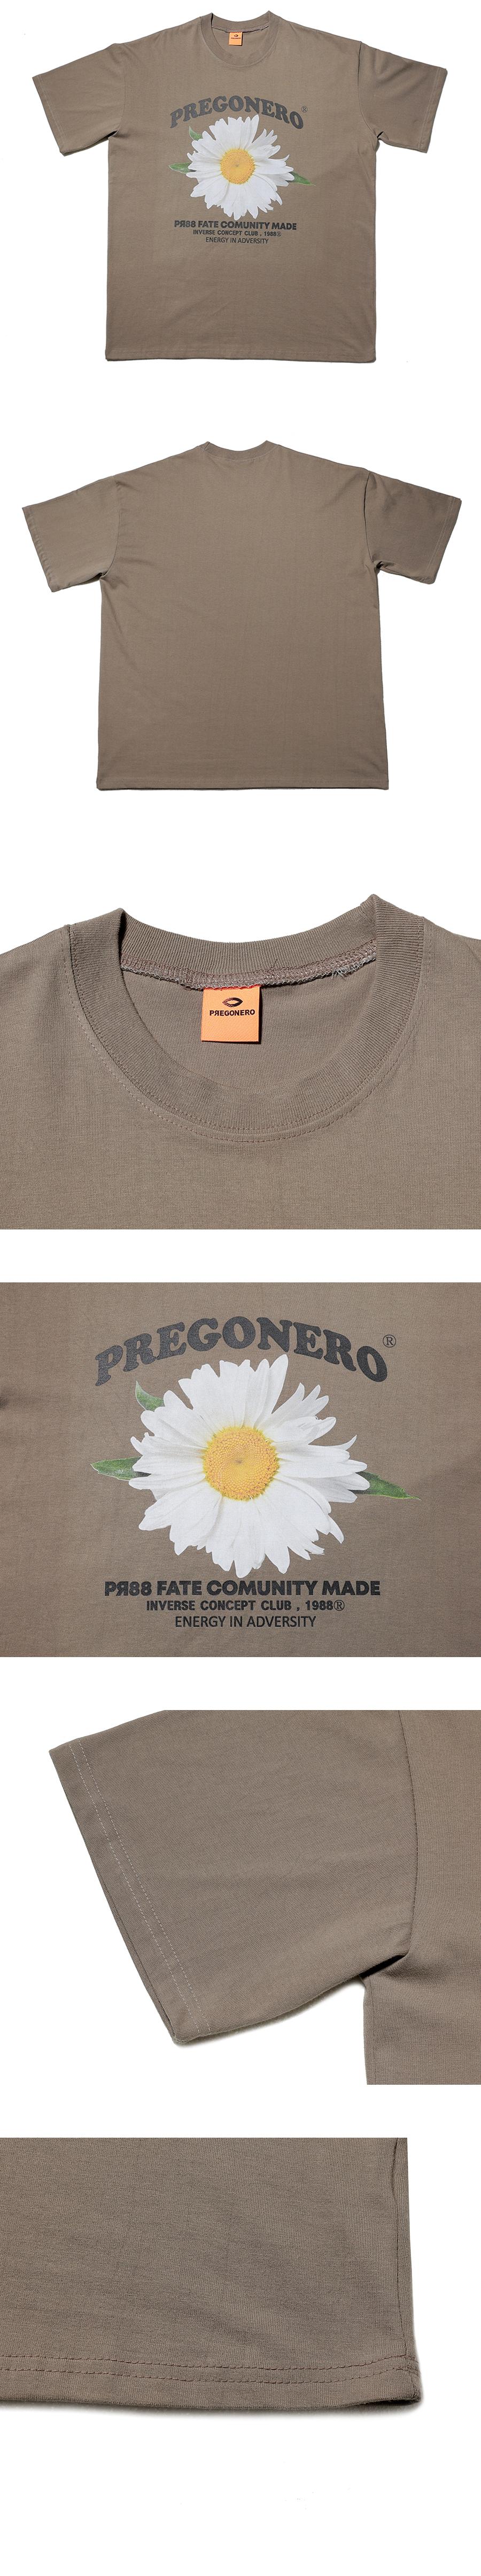 프리고네로(PREGONERO) 카모마일 플라워 시리즈 반팔티_오트밀